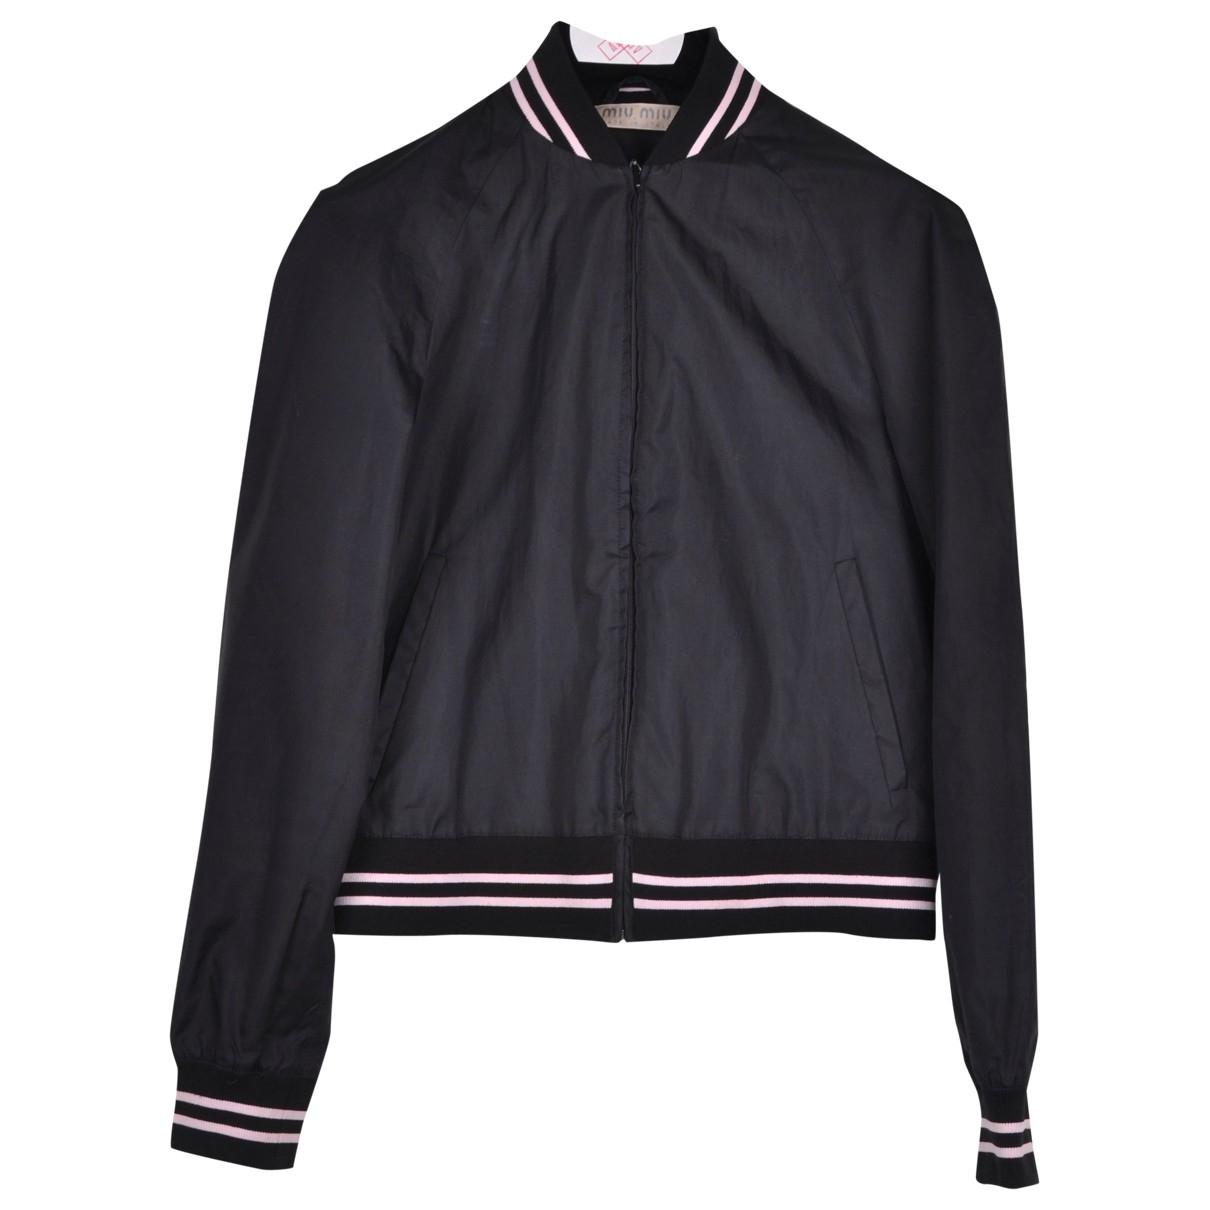 Miu Miu \N Black jacket for Women 42 IT